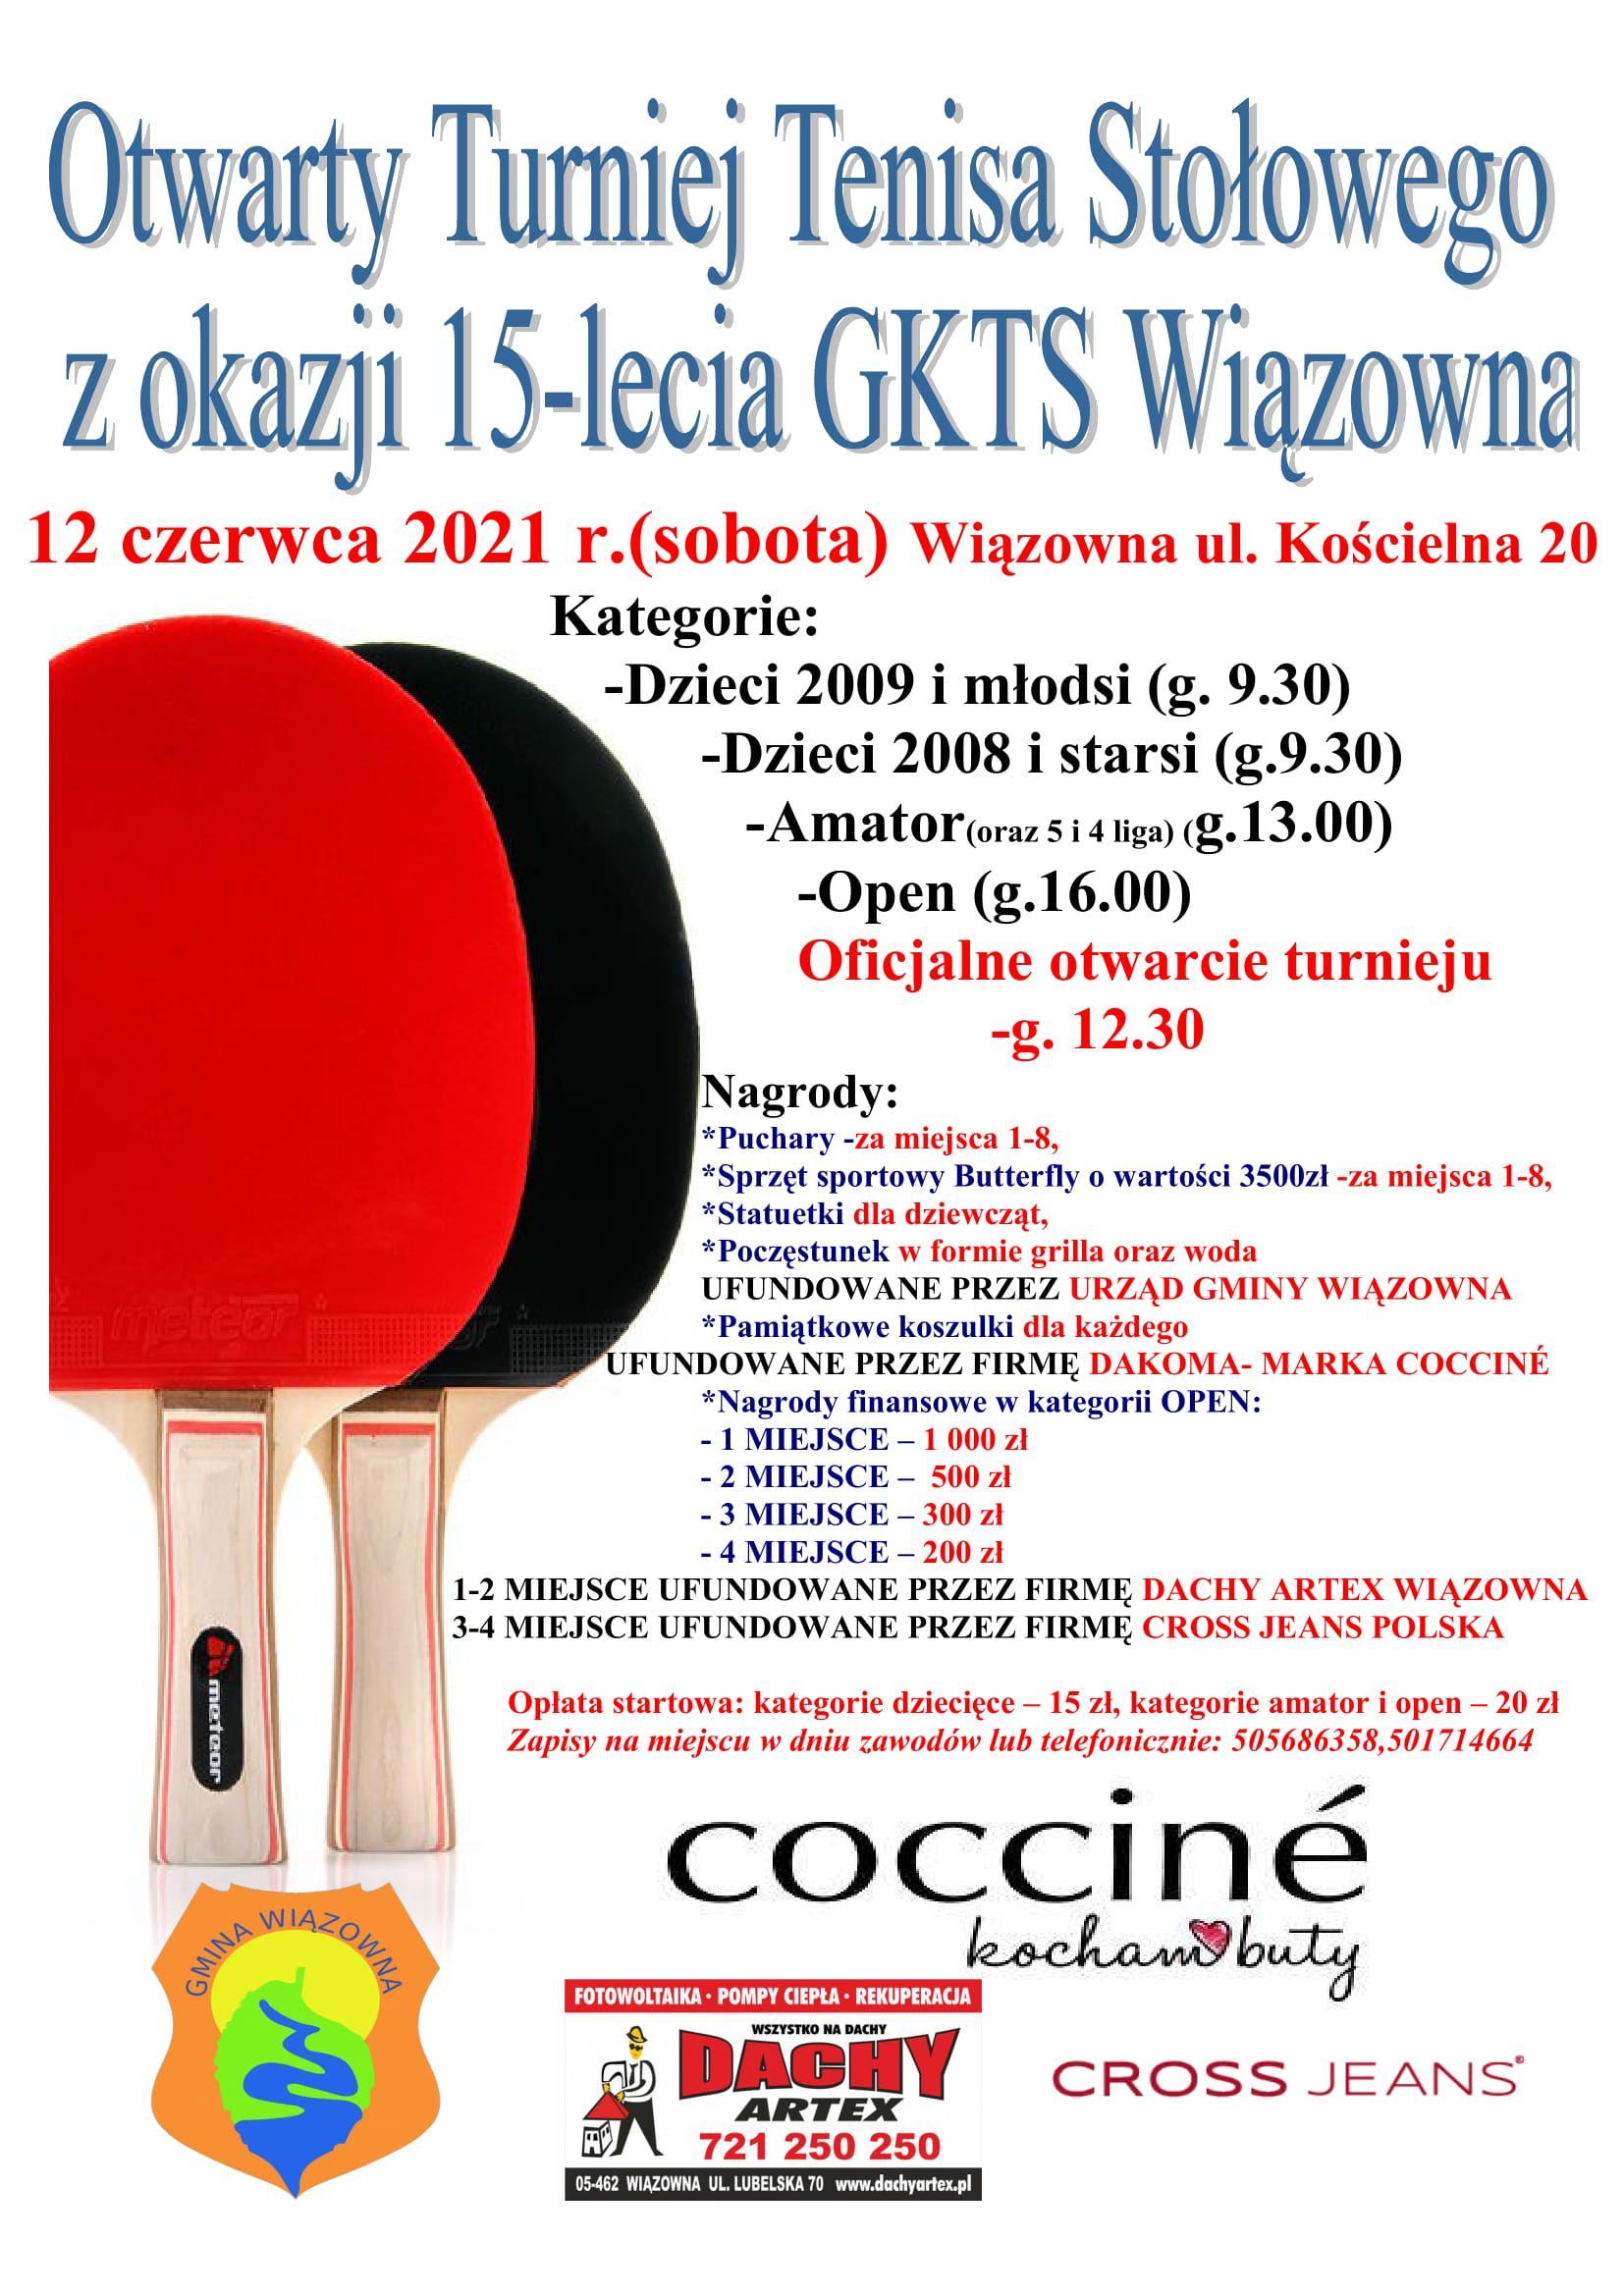 Plakat zapraszający na Otwarty Turniej Tenisa Stołowego 12 czerwca w Szkole Podstawowej w Wiązownie